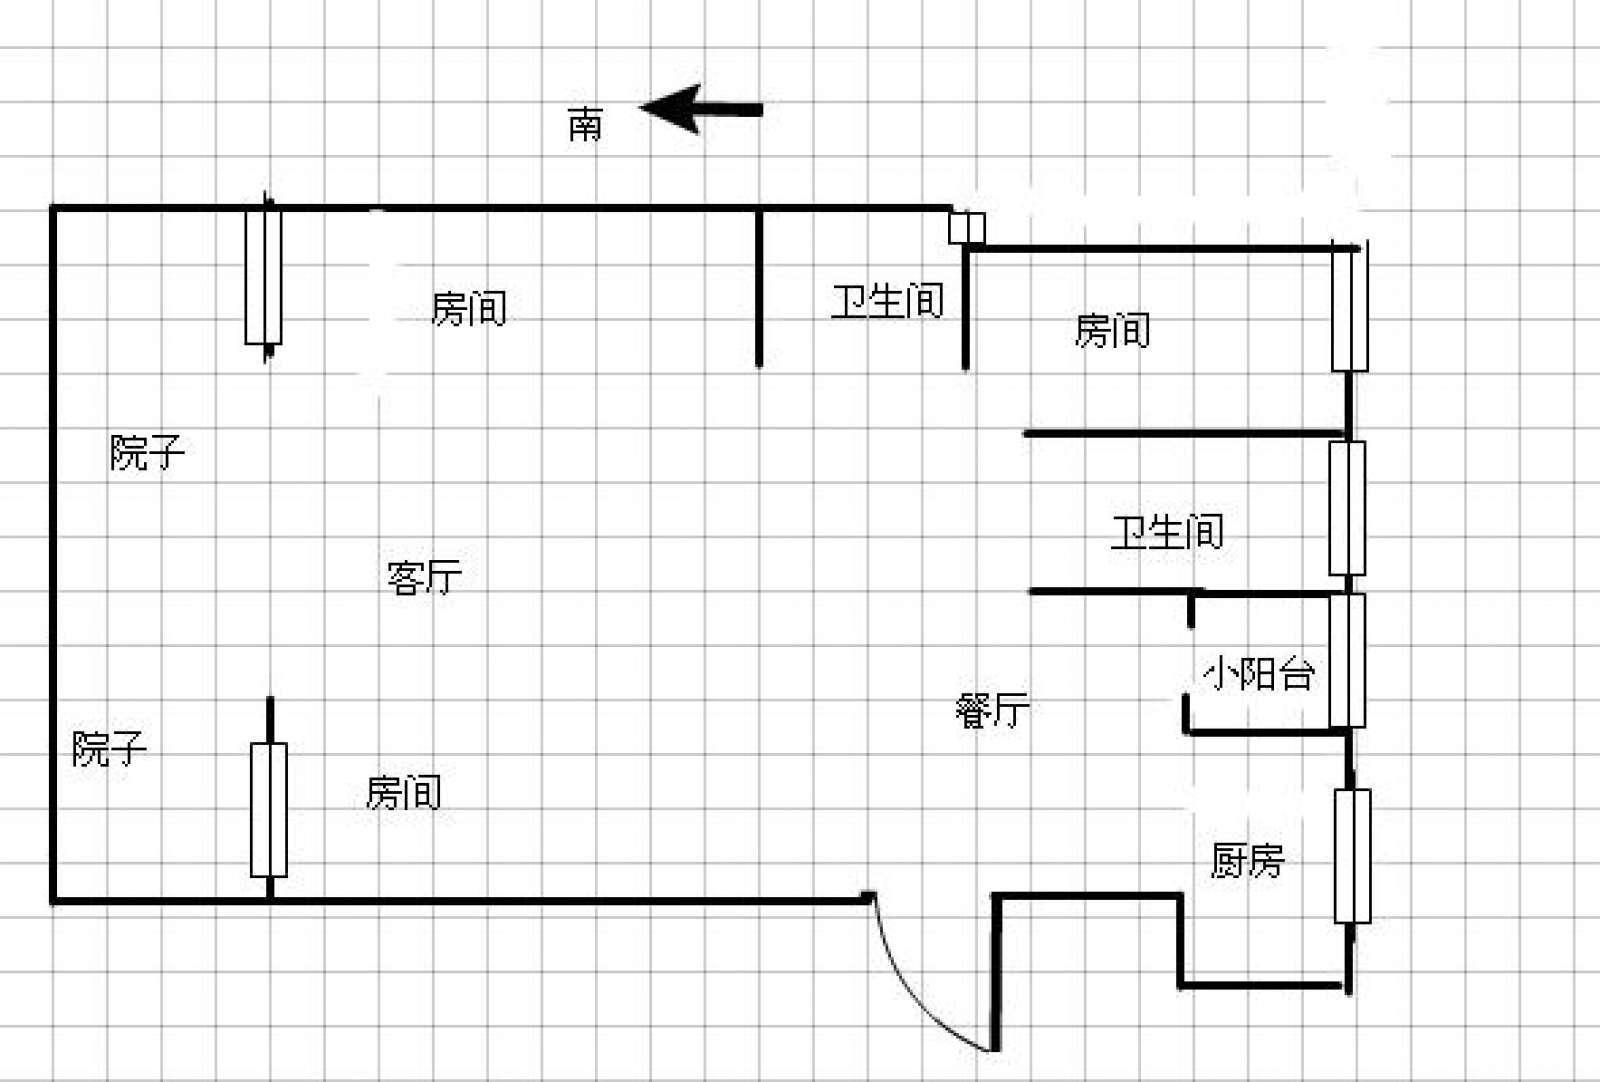 极地盛世名都 3室2厅113㎡